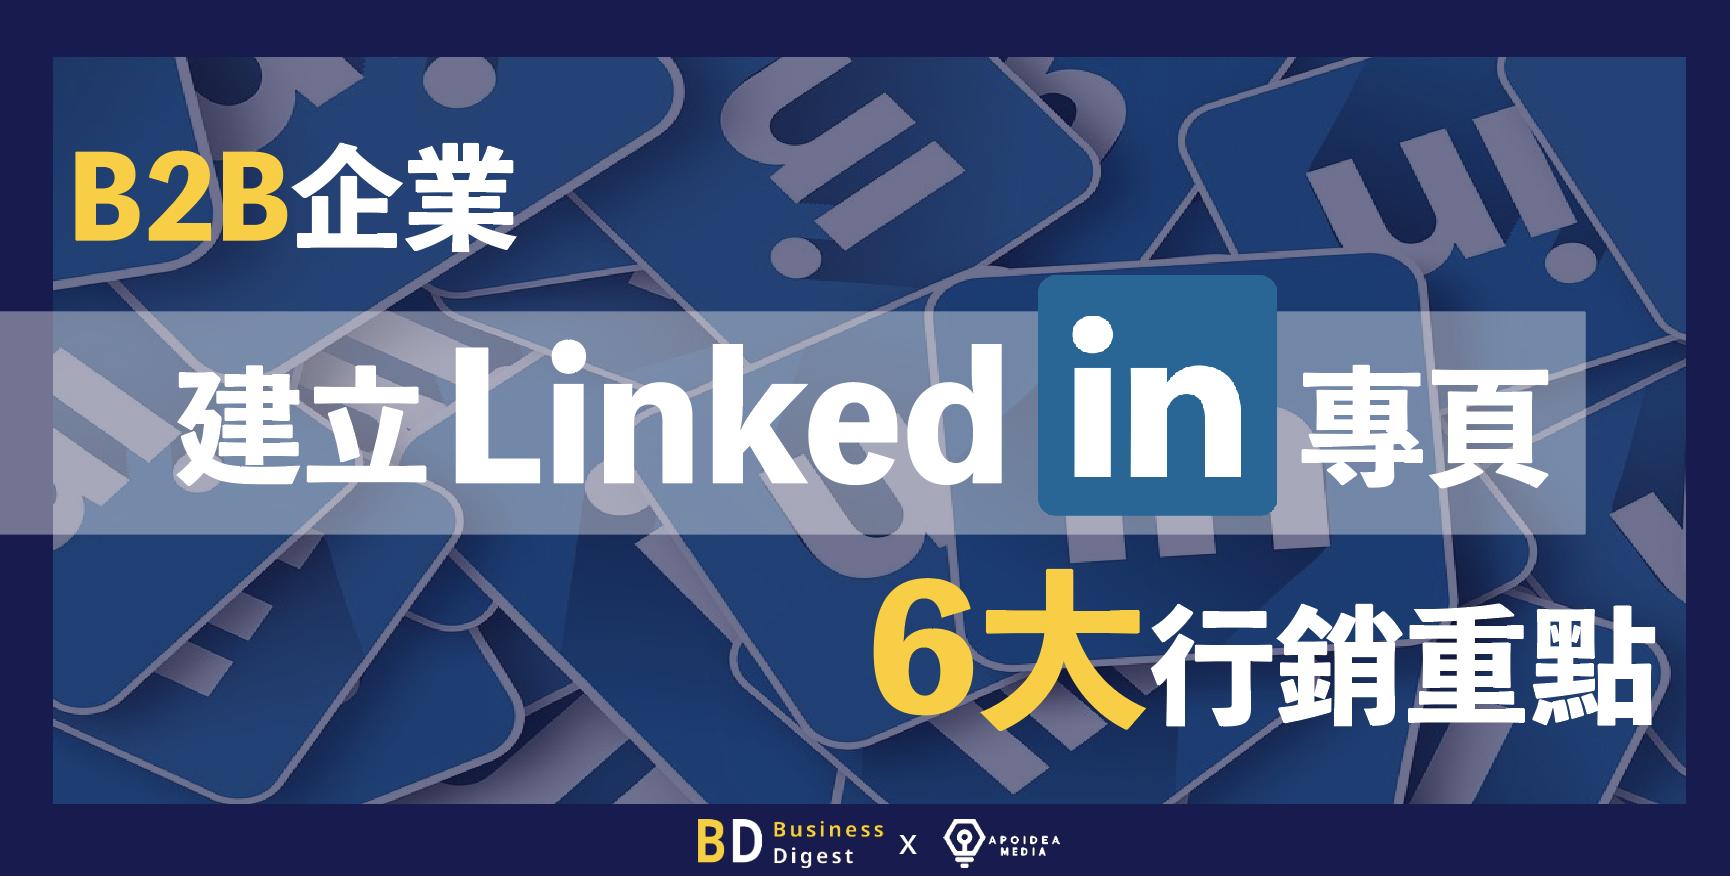 在B2B商業世界,LinkedIn有別於一般的社交媒體,它更能針對商業圈子,塑造出專業形象,提高品牌知名度。LinkedIn的用家大多都圍繞著他們的工作而作分享,只要你所想的到的B2B品牌都一定有一個LinkedIn專頁,而管理好專頁絕對能夠提升B2B品牌的專業形象。